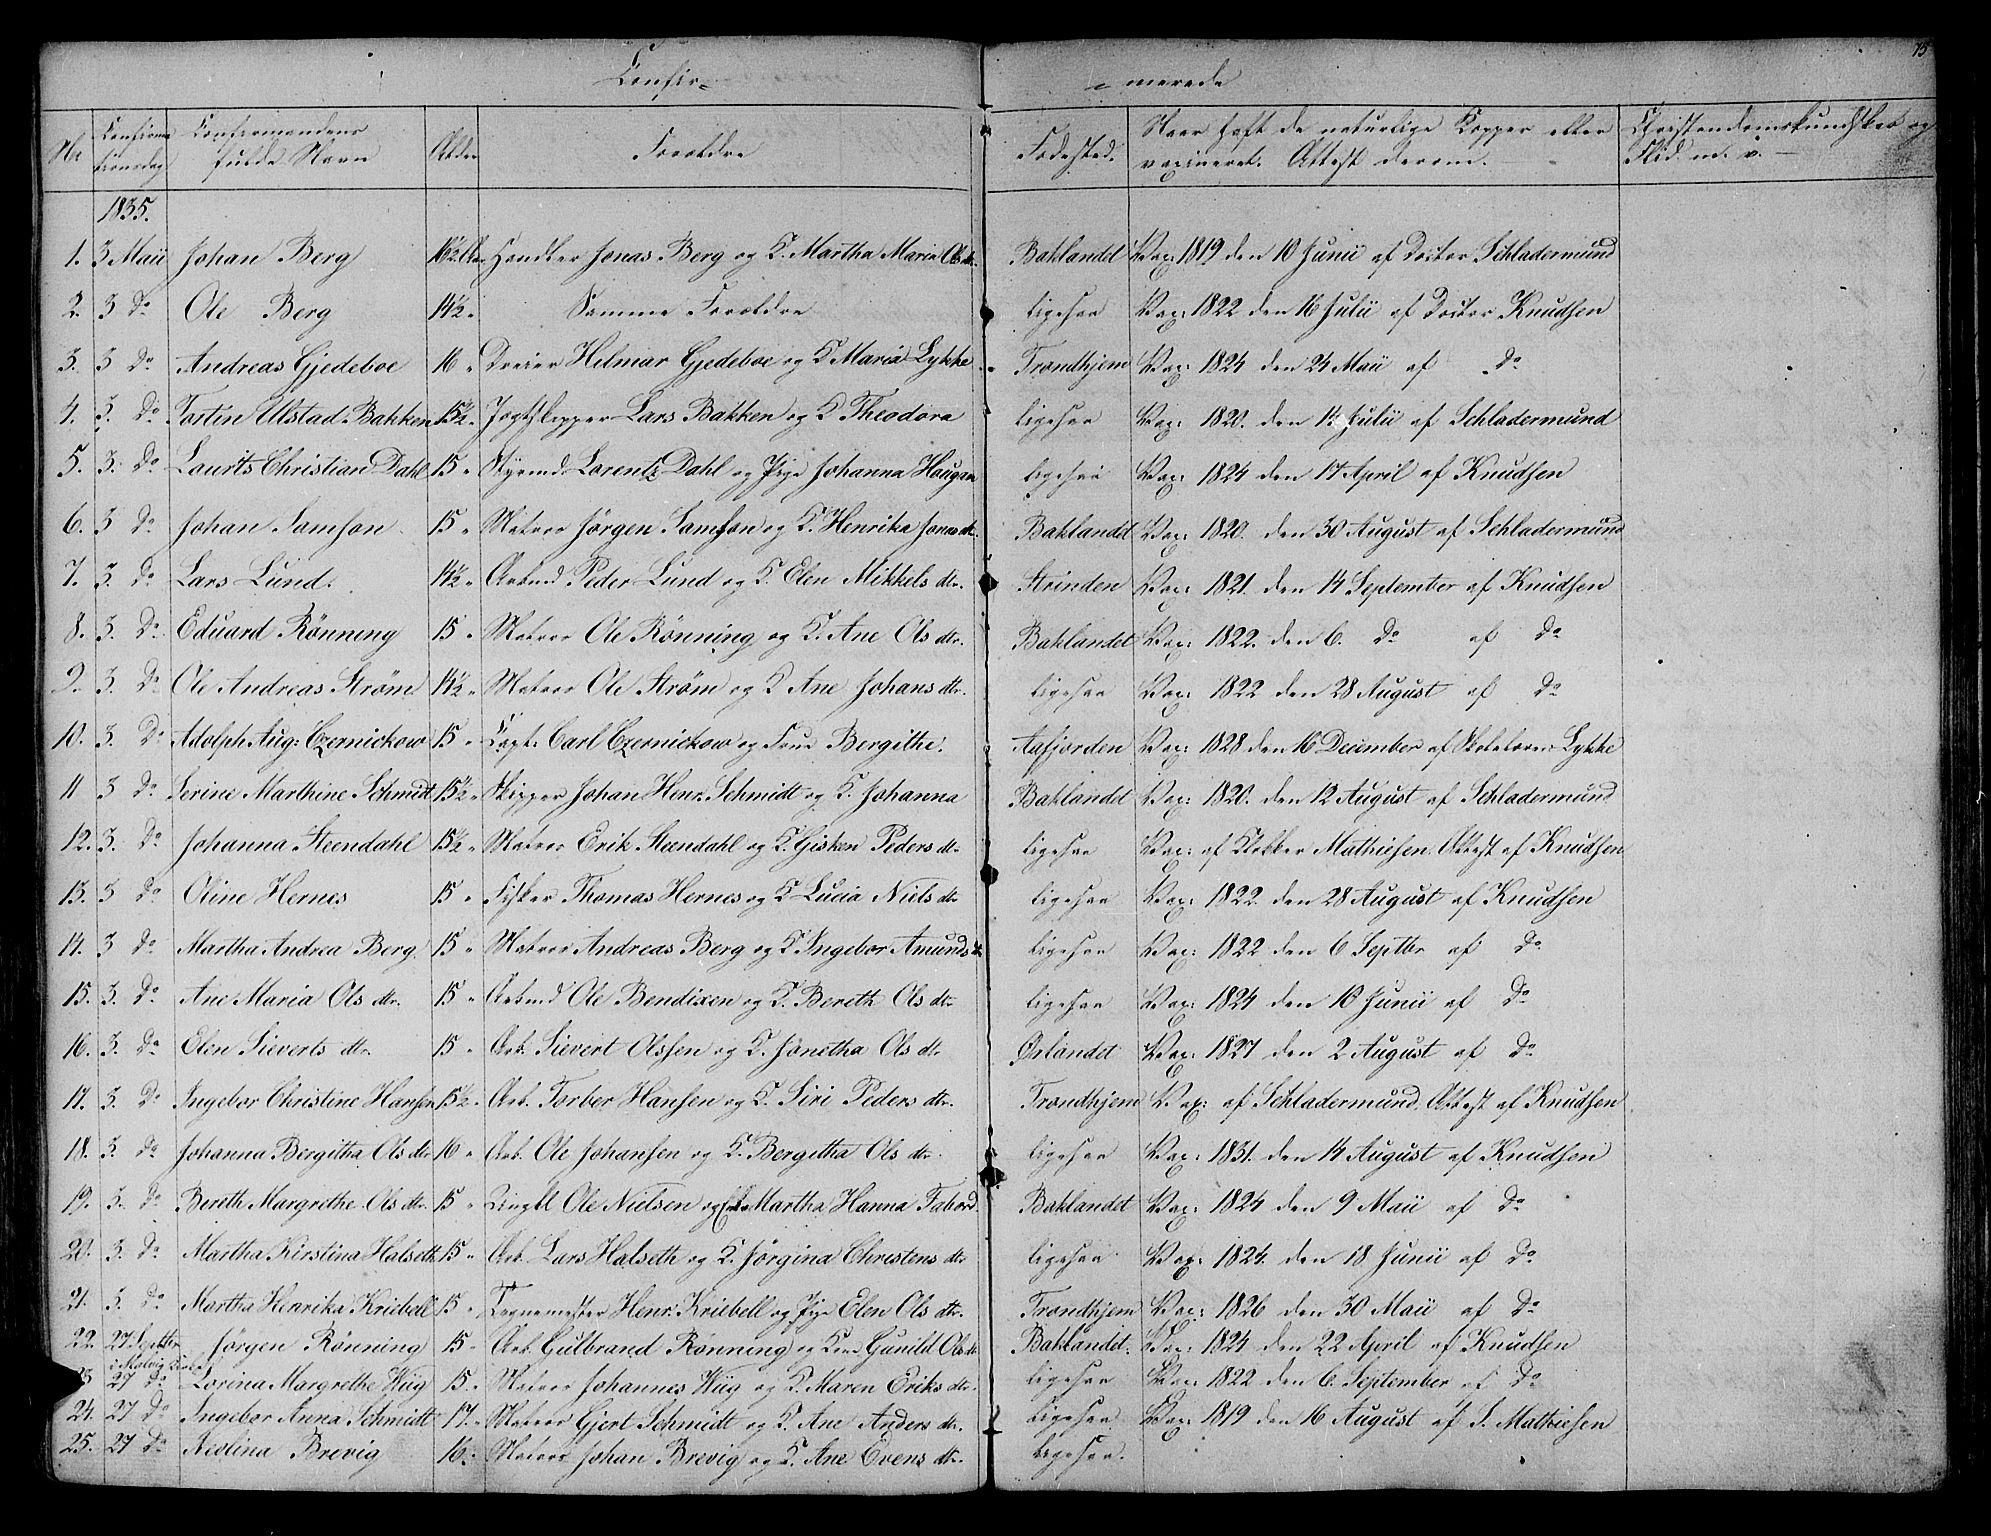 SAT, Ministerialprotokoller, klokkerbøker og fødselsregistre - Sør-Trøndelag, 604/L0182: Ministerialbok nr. 604A03, 1818-1850, s. 75